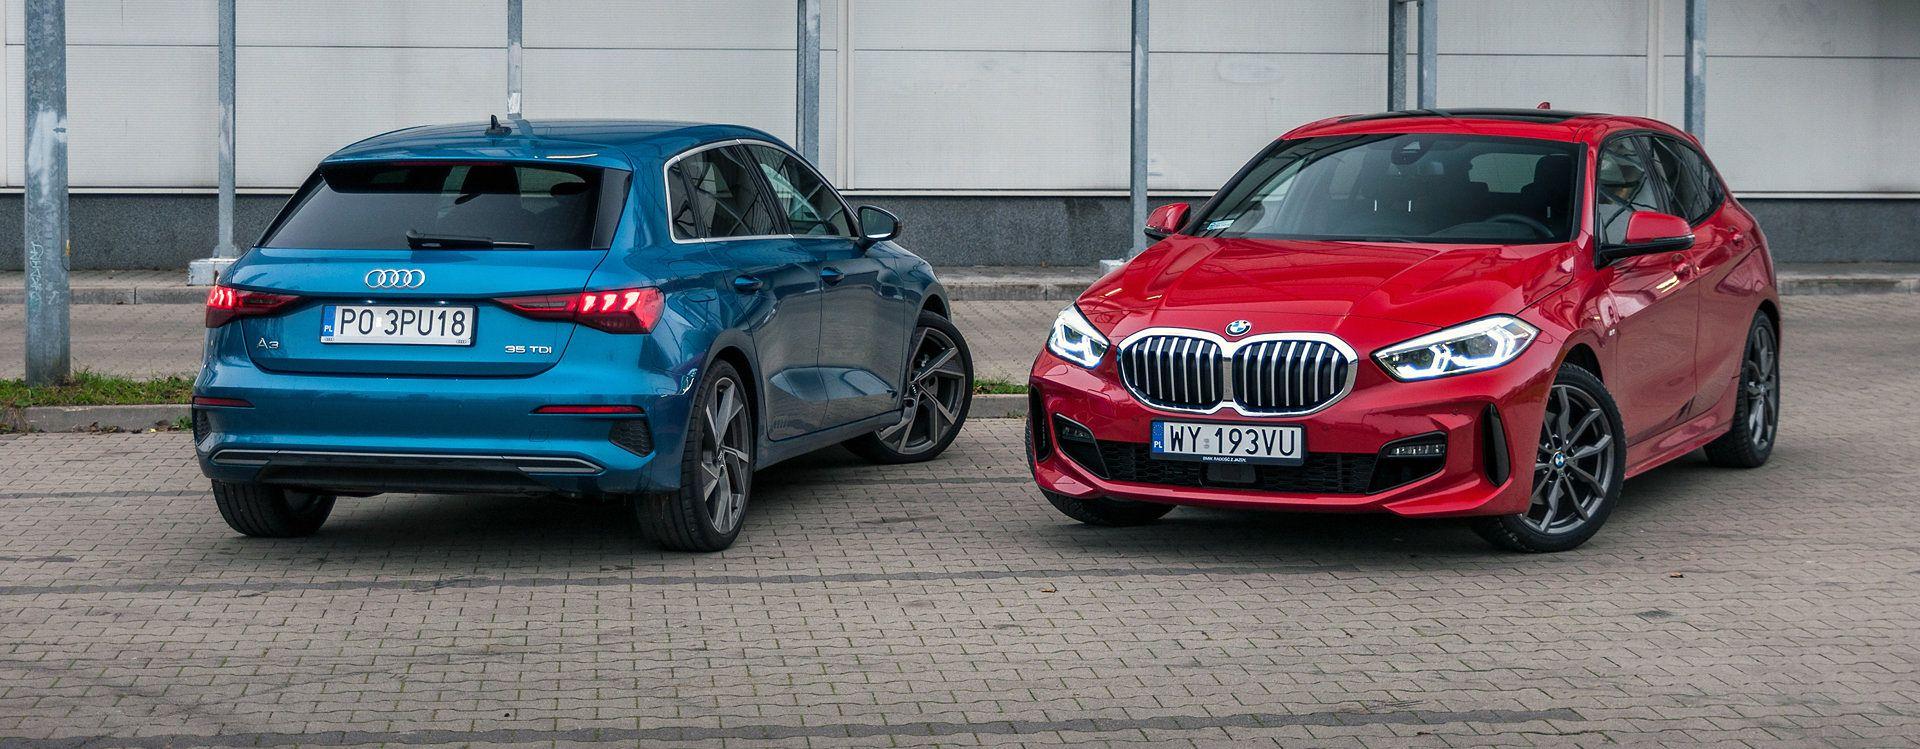 Dla wielu klientów będą to pierwsze auta tych niemieckich marek. Ich zadanie to sprawić, by nie były ostatnimi.